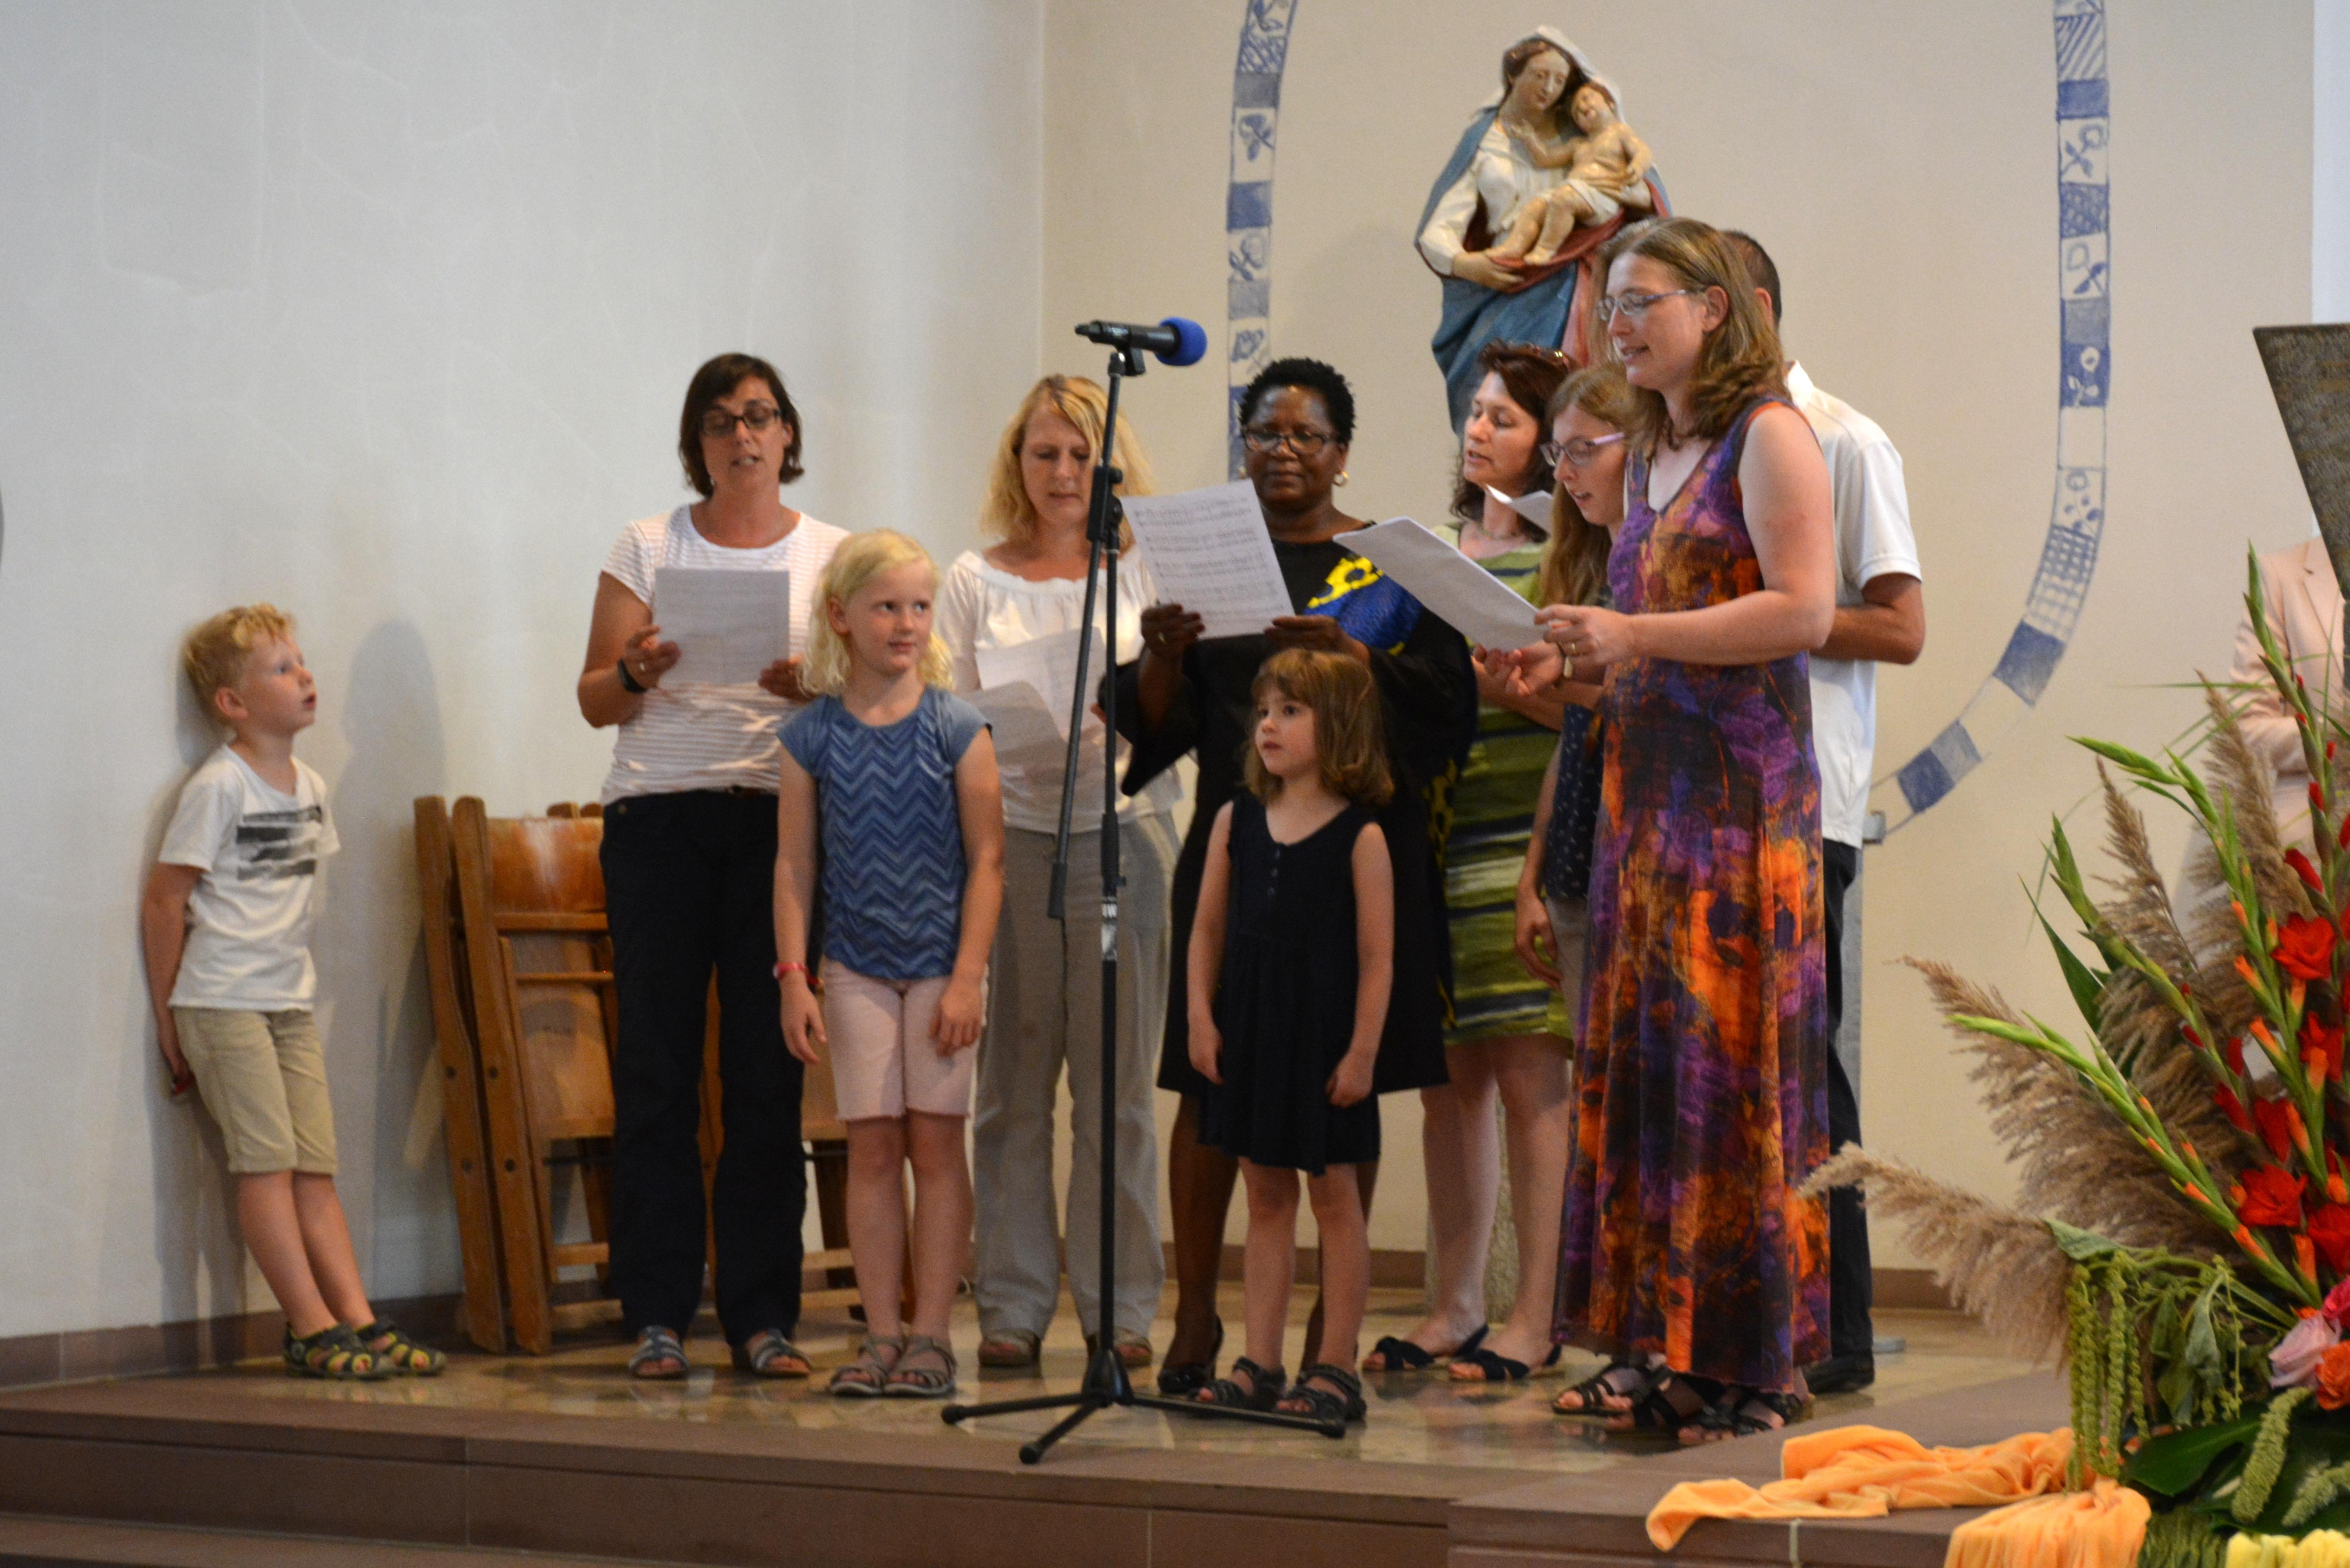 Afrikanische Messe Au am Rhein 2019-07-20 116